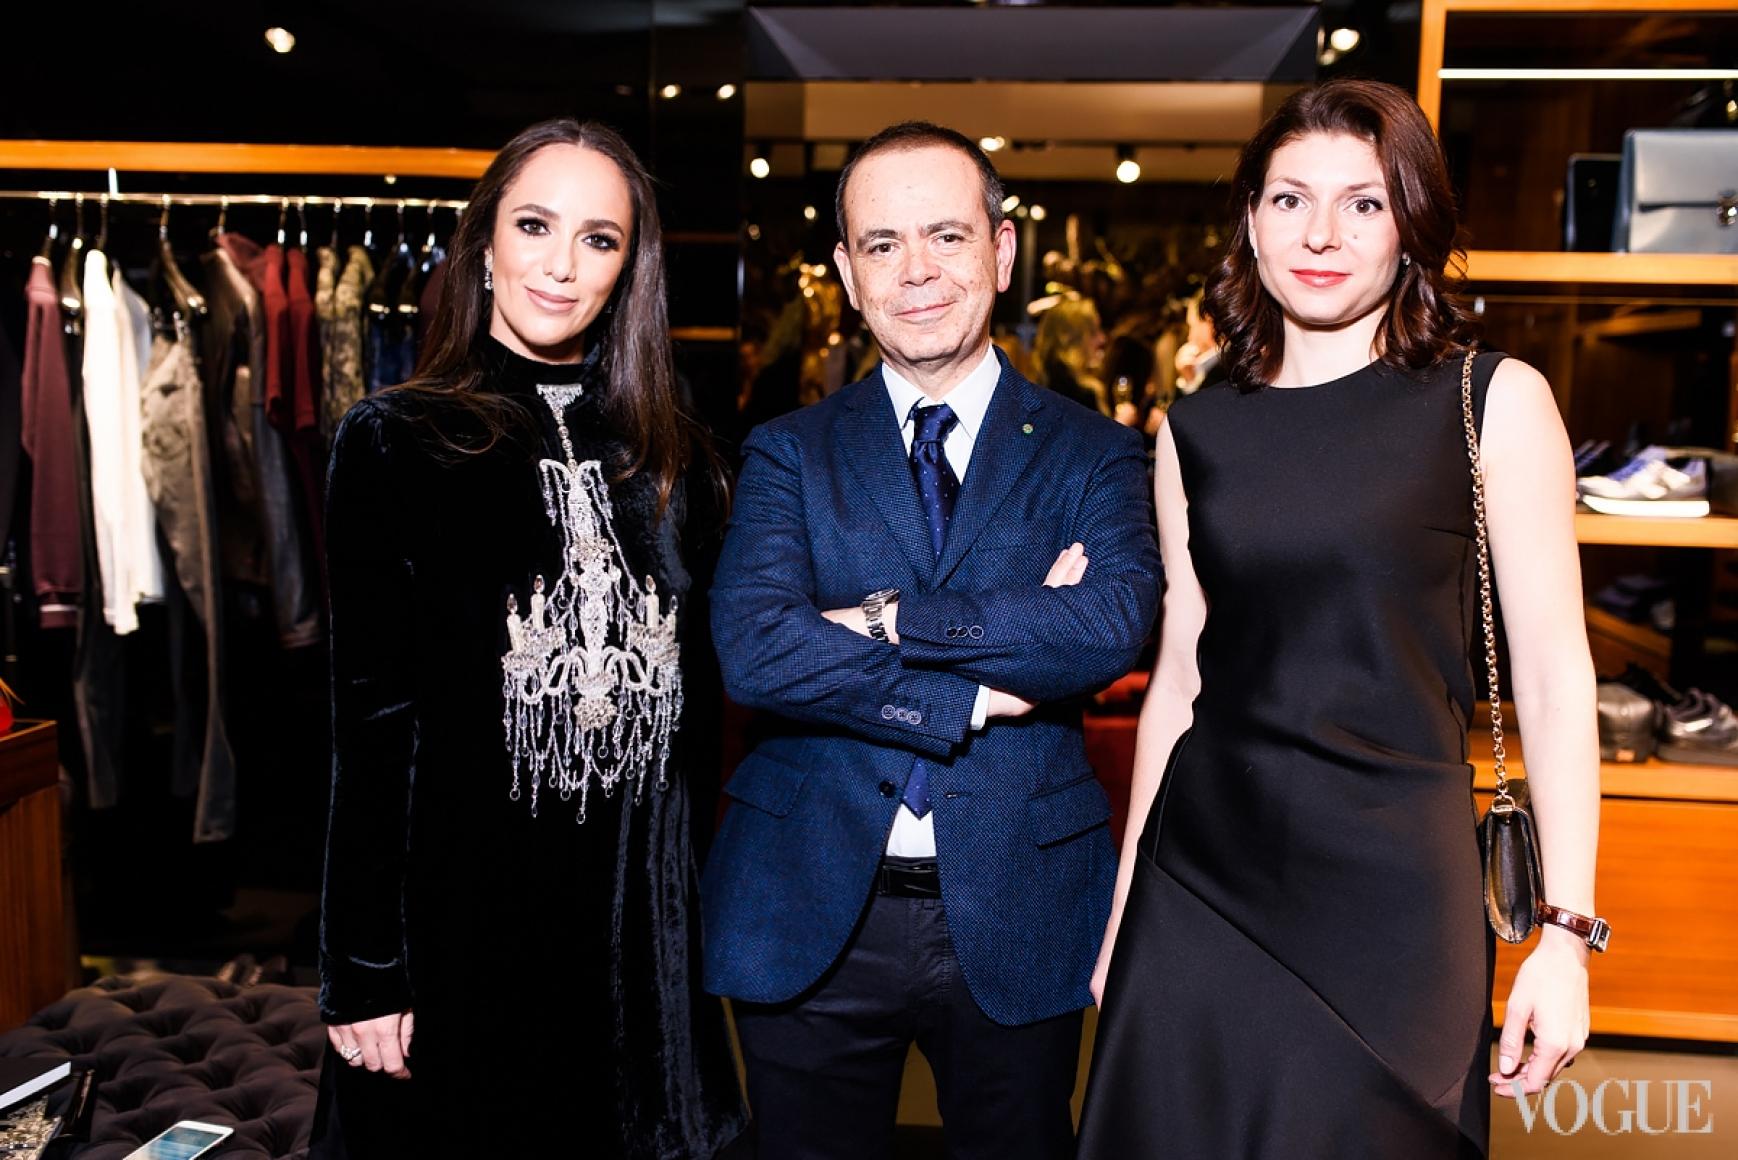 Катя Вербер-Миндич, Посол Италии в Украине Давиде Ла Чечилия с супругой Валентиной